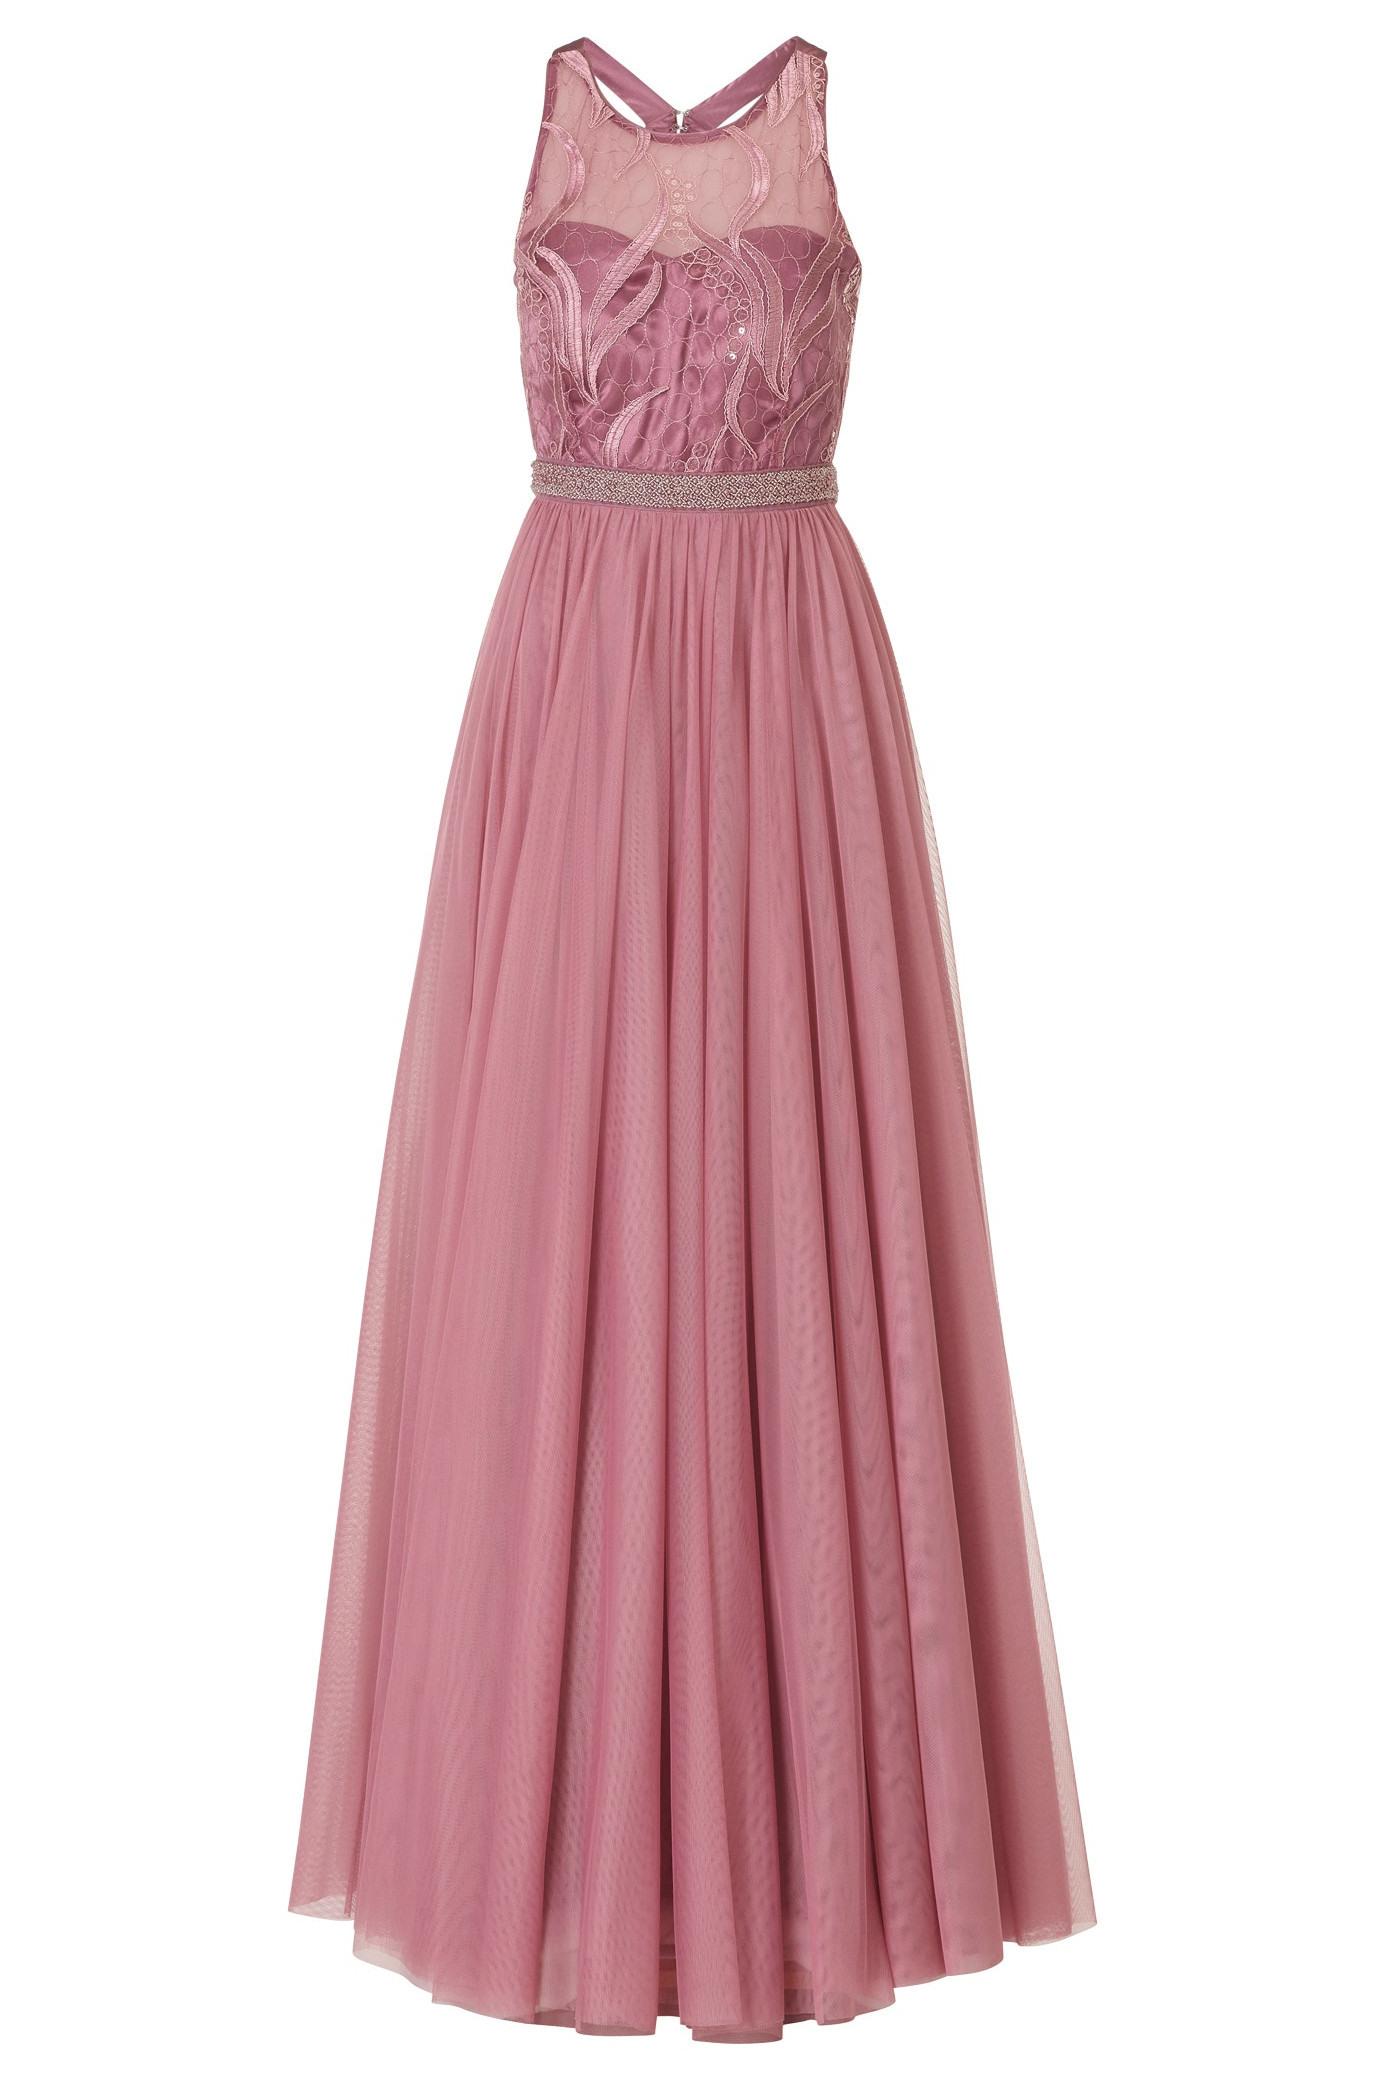 8 Fantastisch Vera Mont Abendkleider Spezialgebiet - Abendkleid